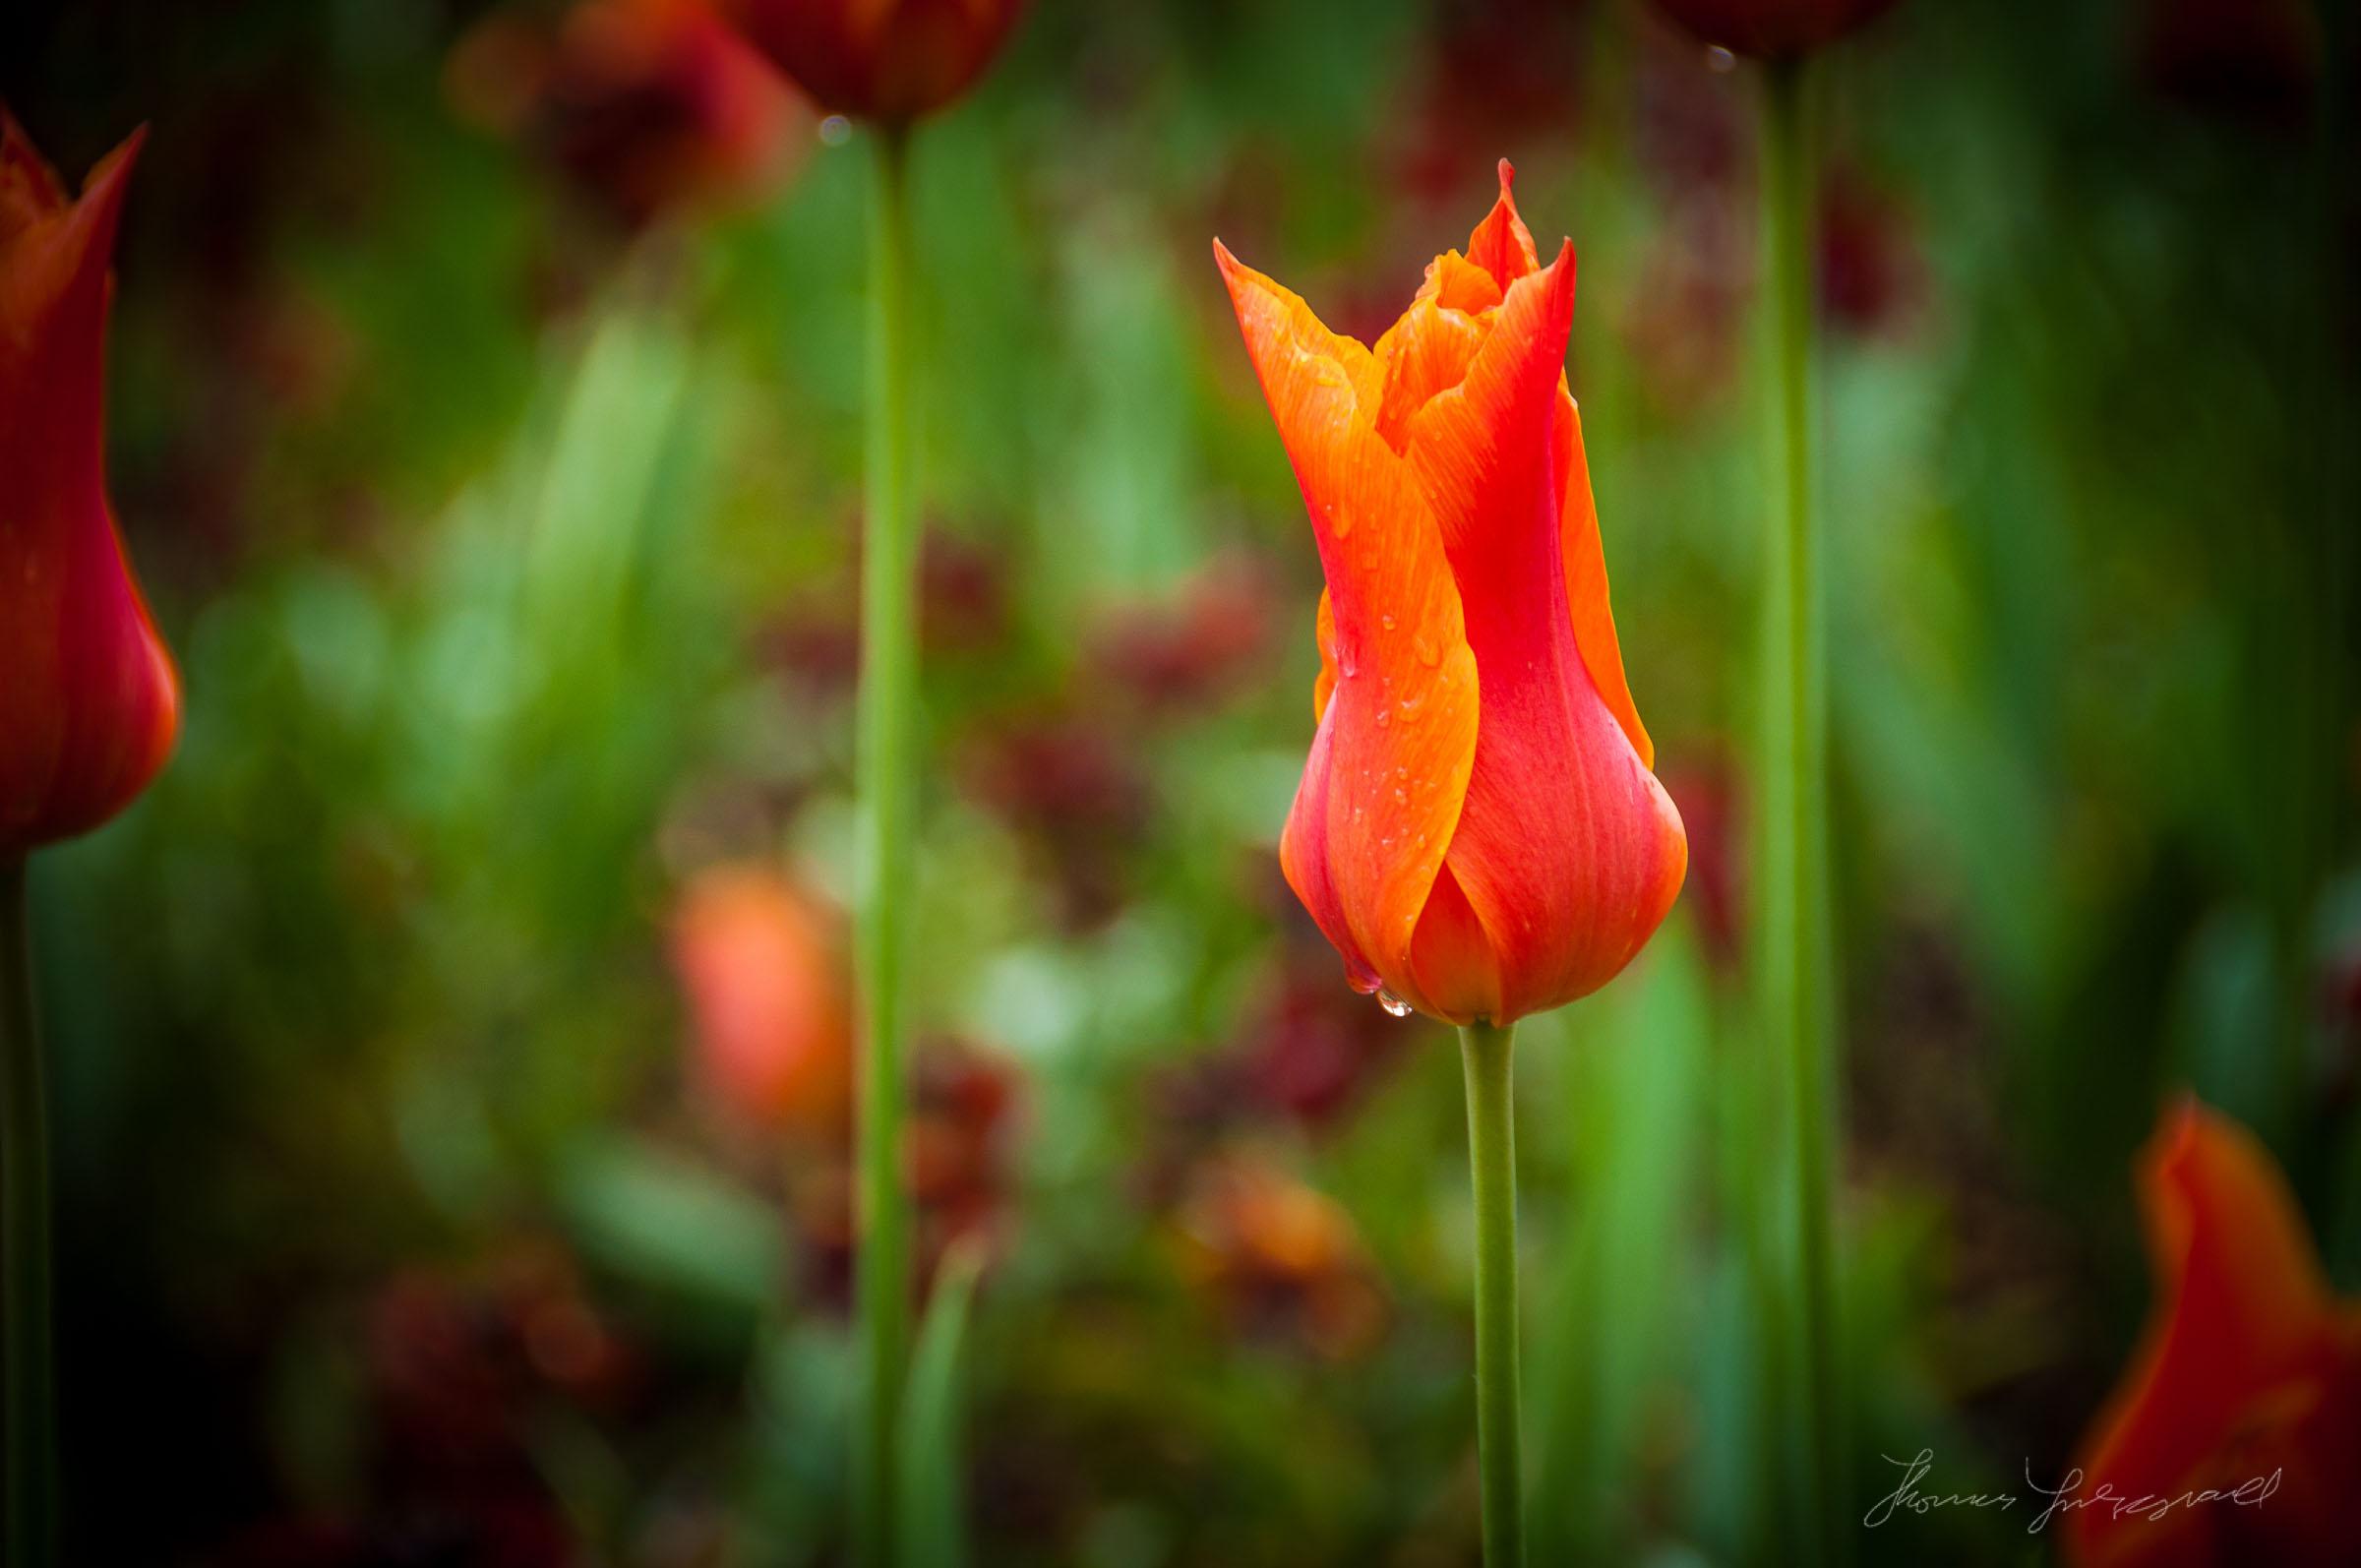 A Lone Red Tulip